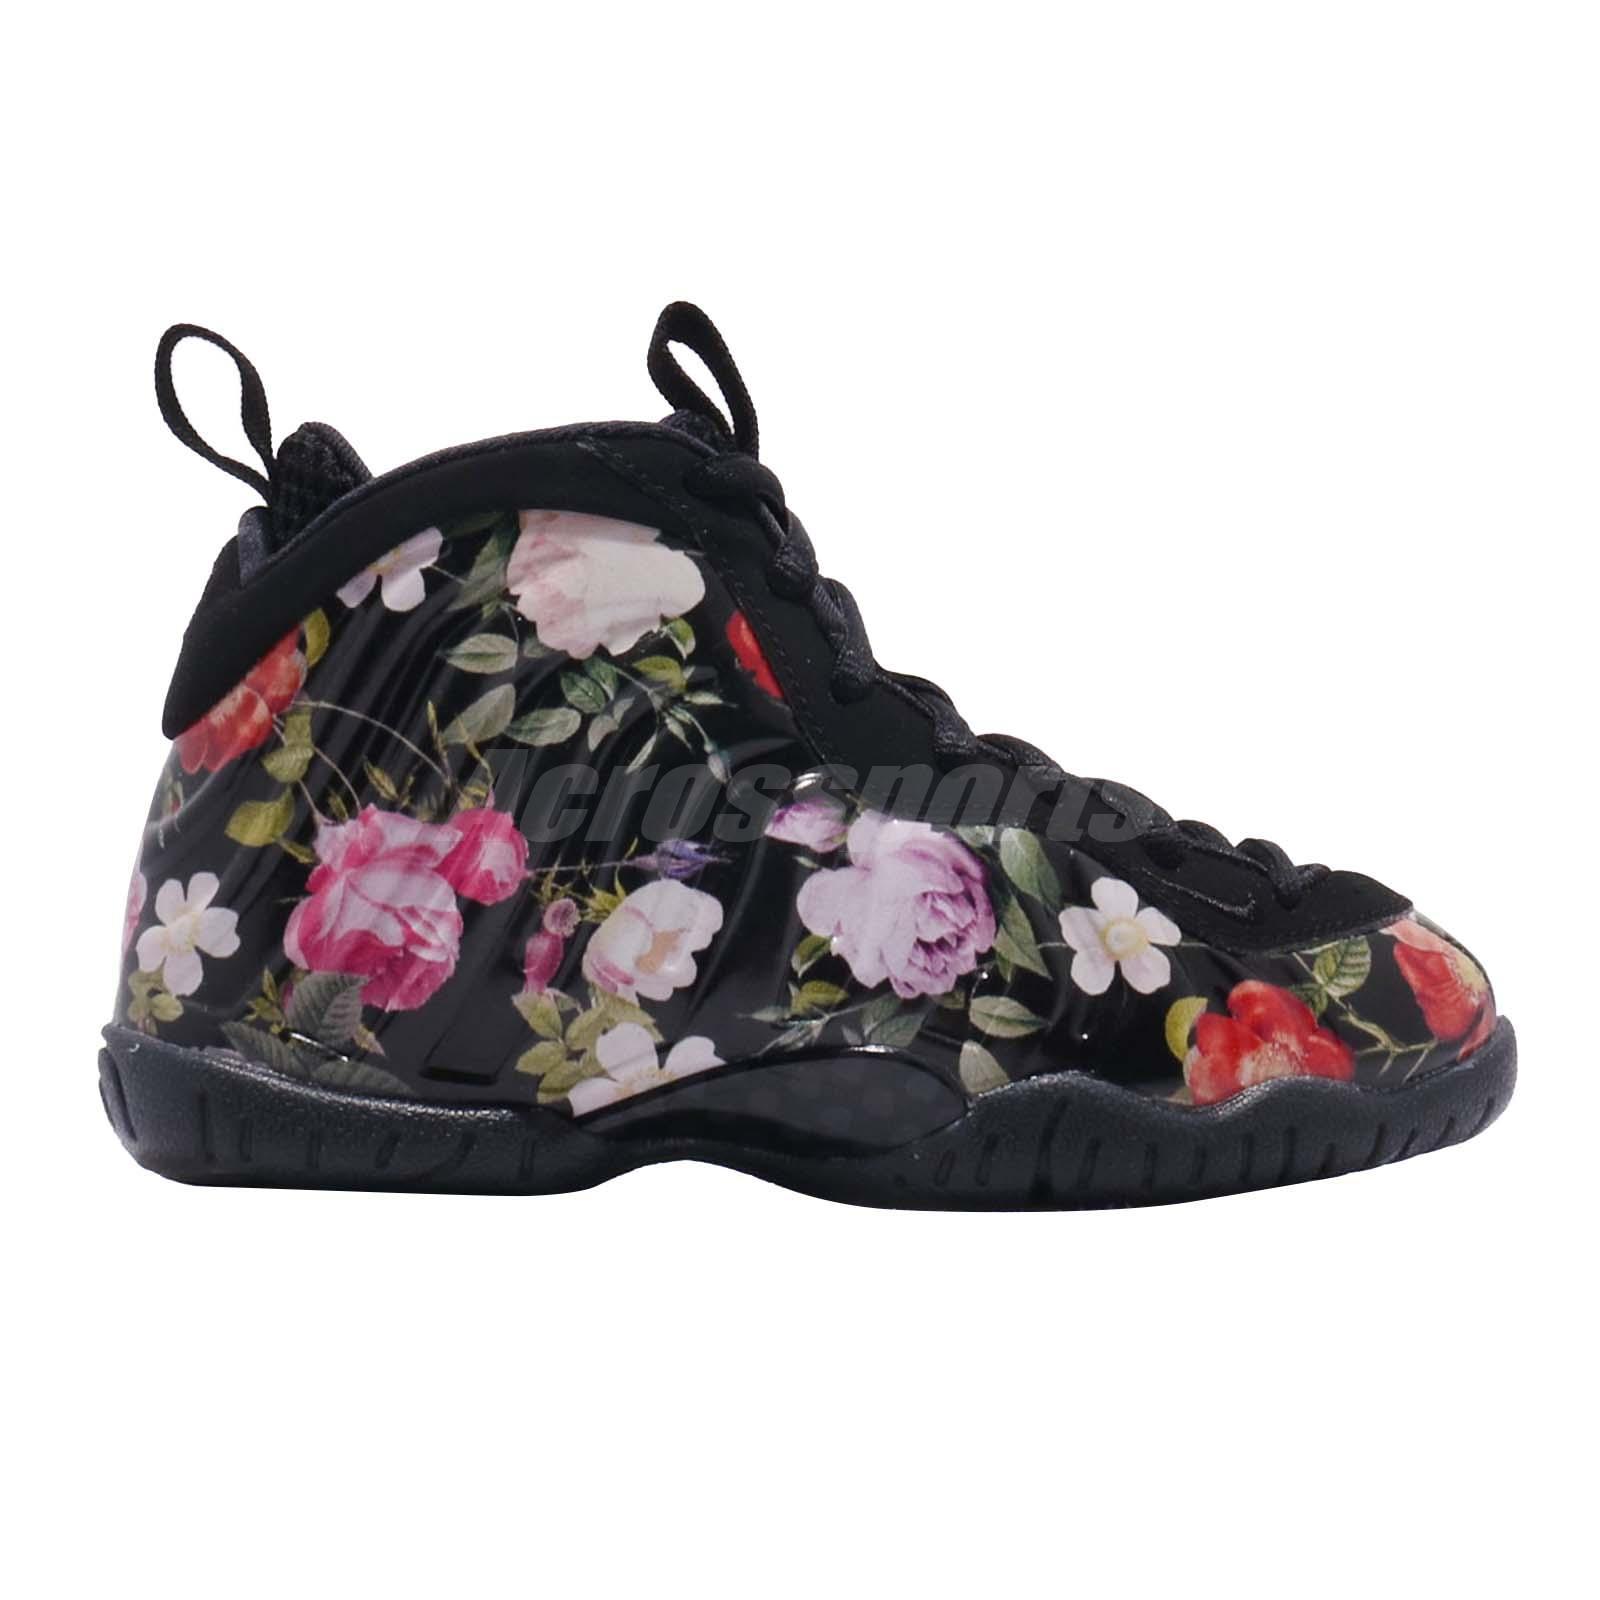 71c456c5f72 Nike Little Posite One Prm PS Foamposite Floral Kid Preschool Shoes ...